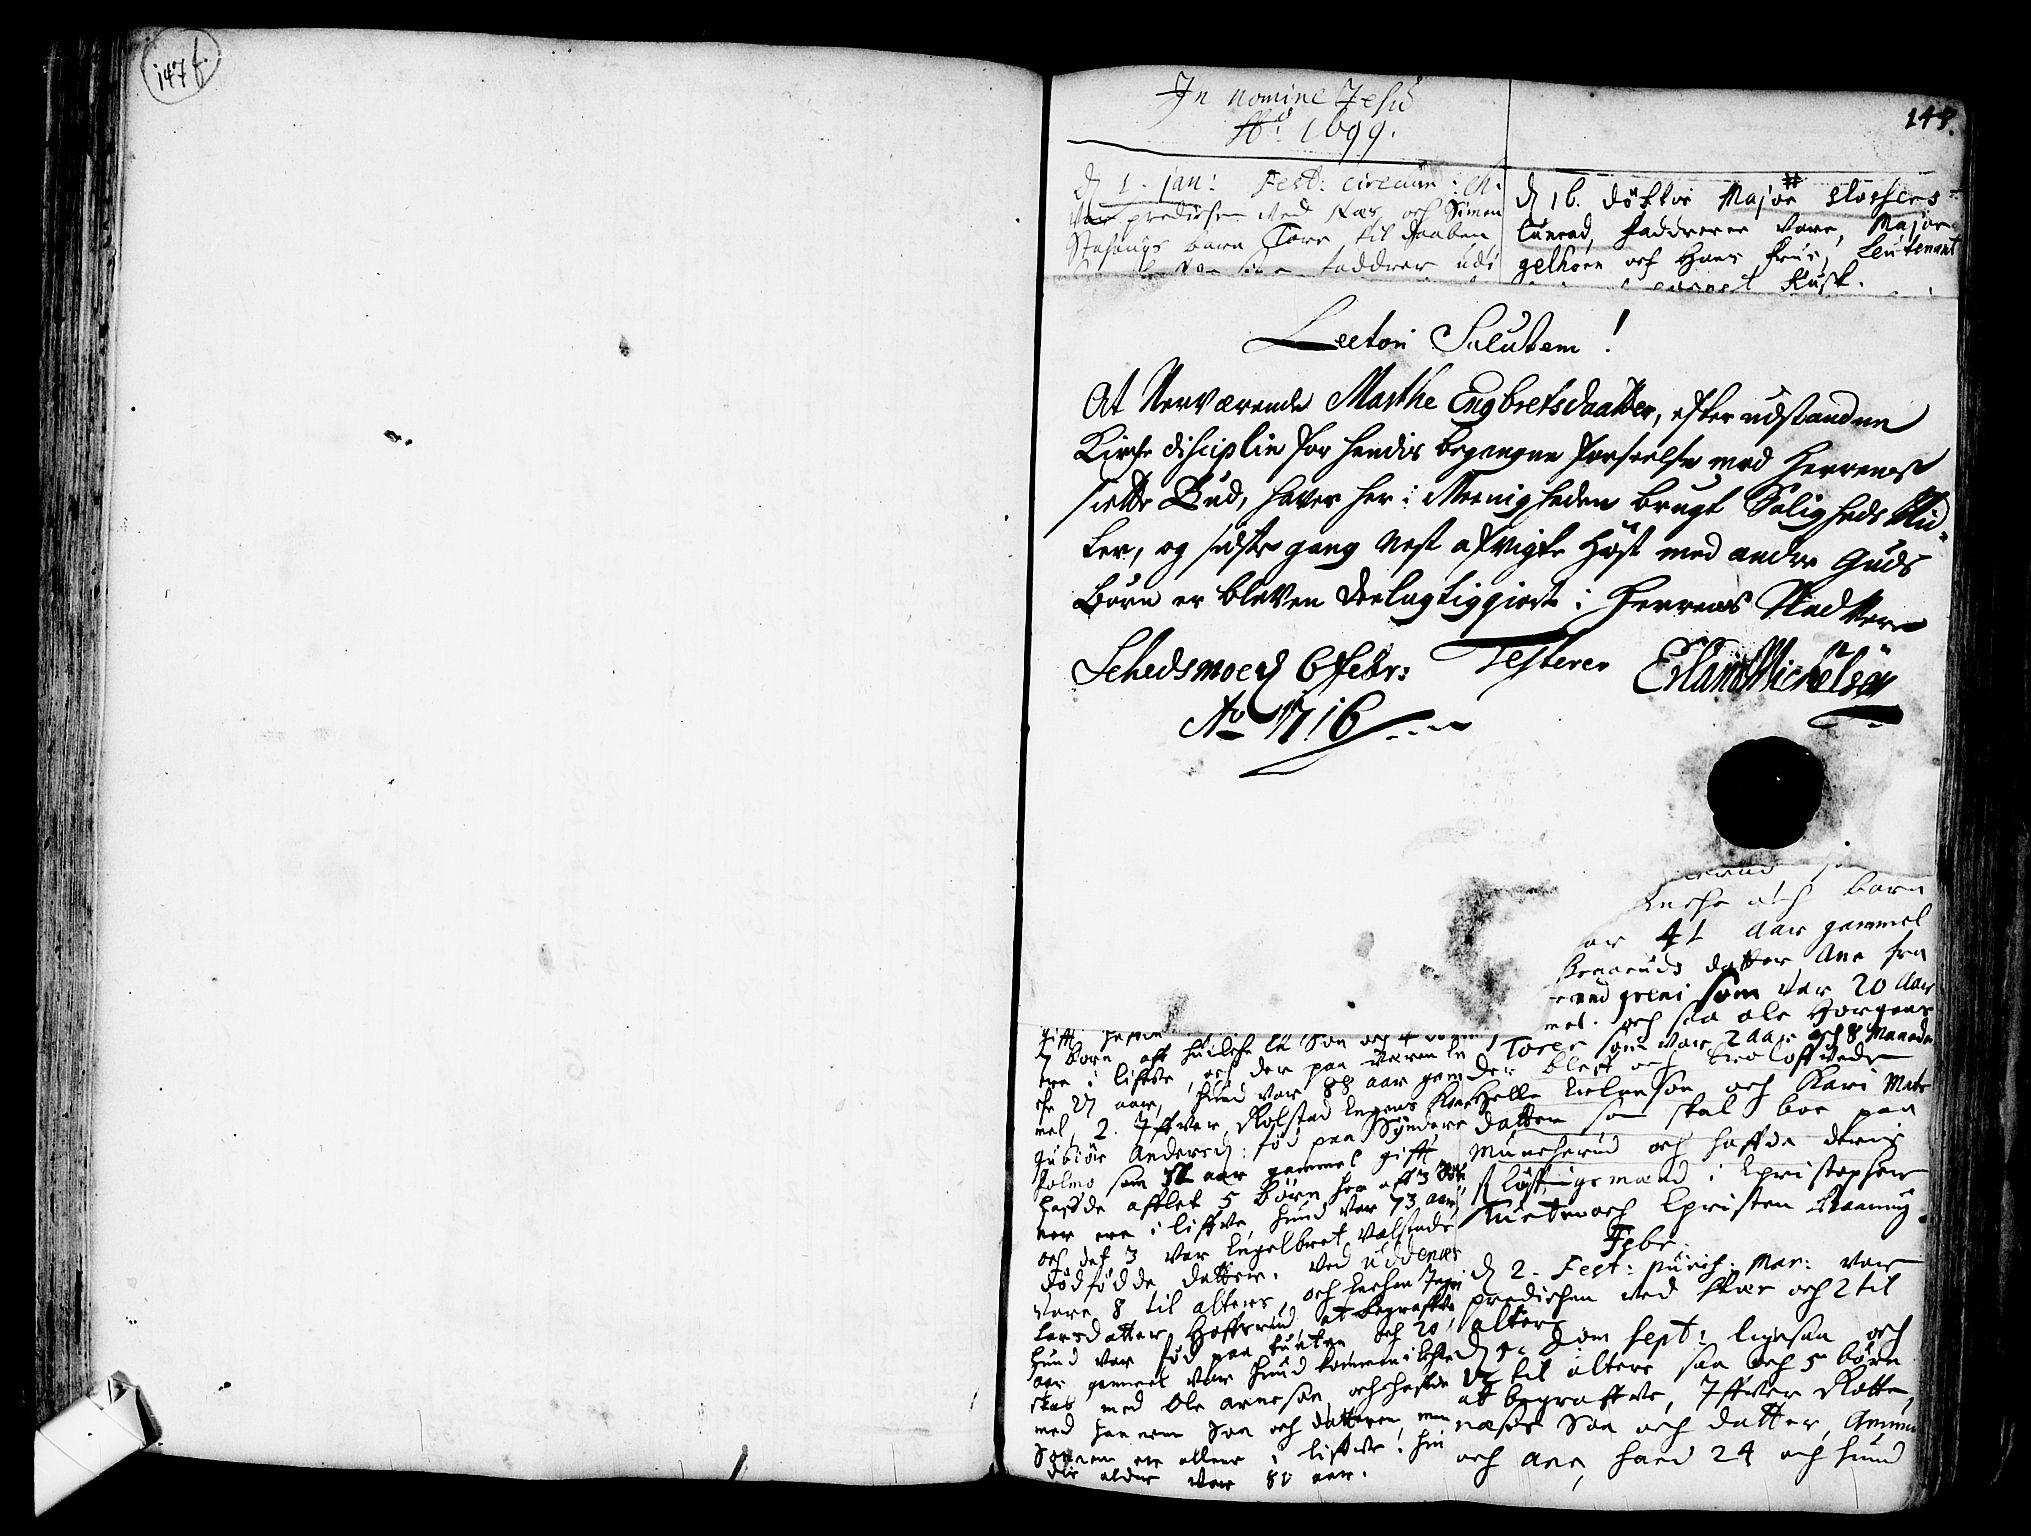 SAO, Nes prestekontor Kirkebøker, F/Fa/L0001: Ministerialbok nr. I 1, 1689-1716, s. 147f